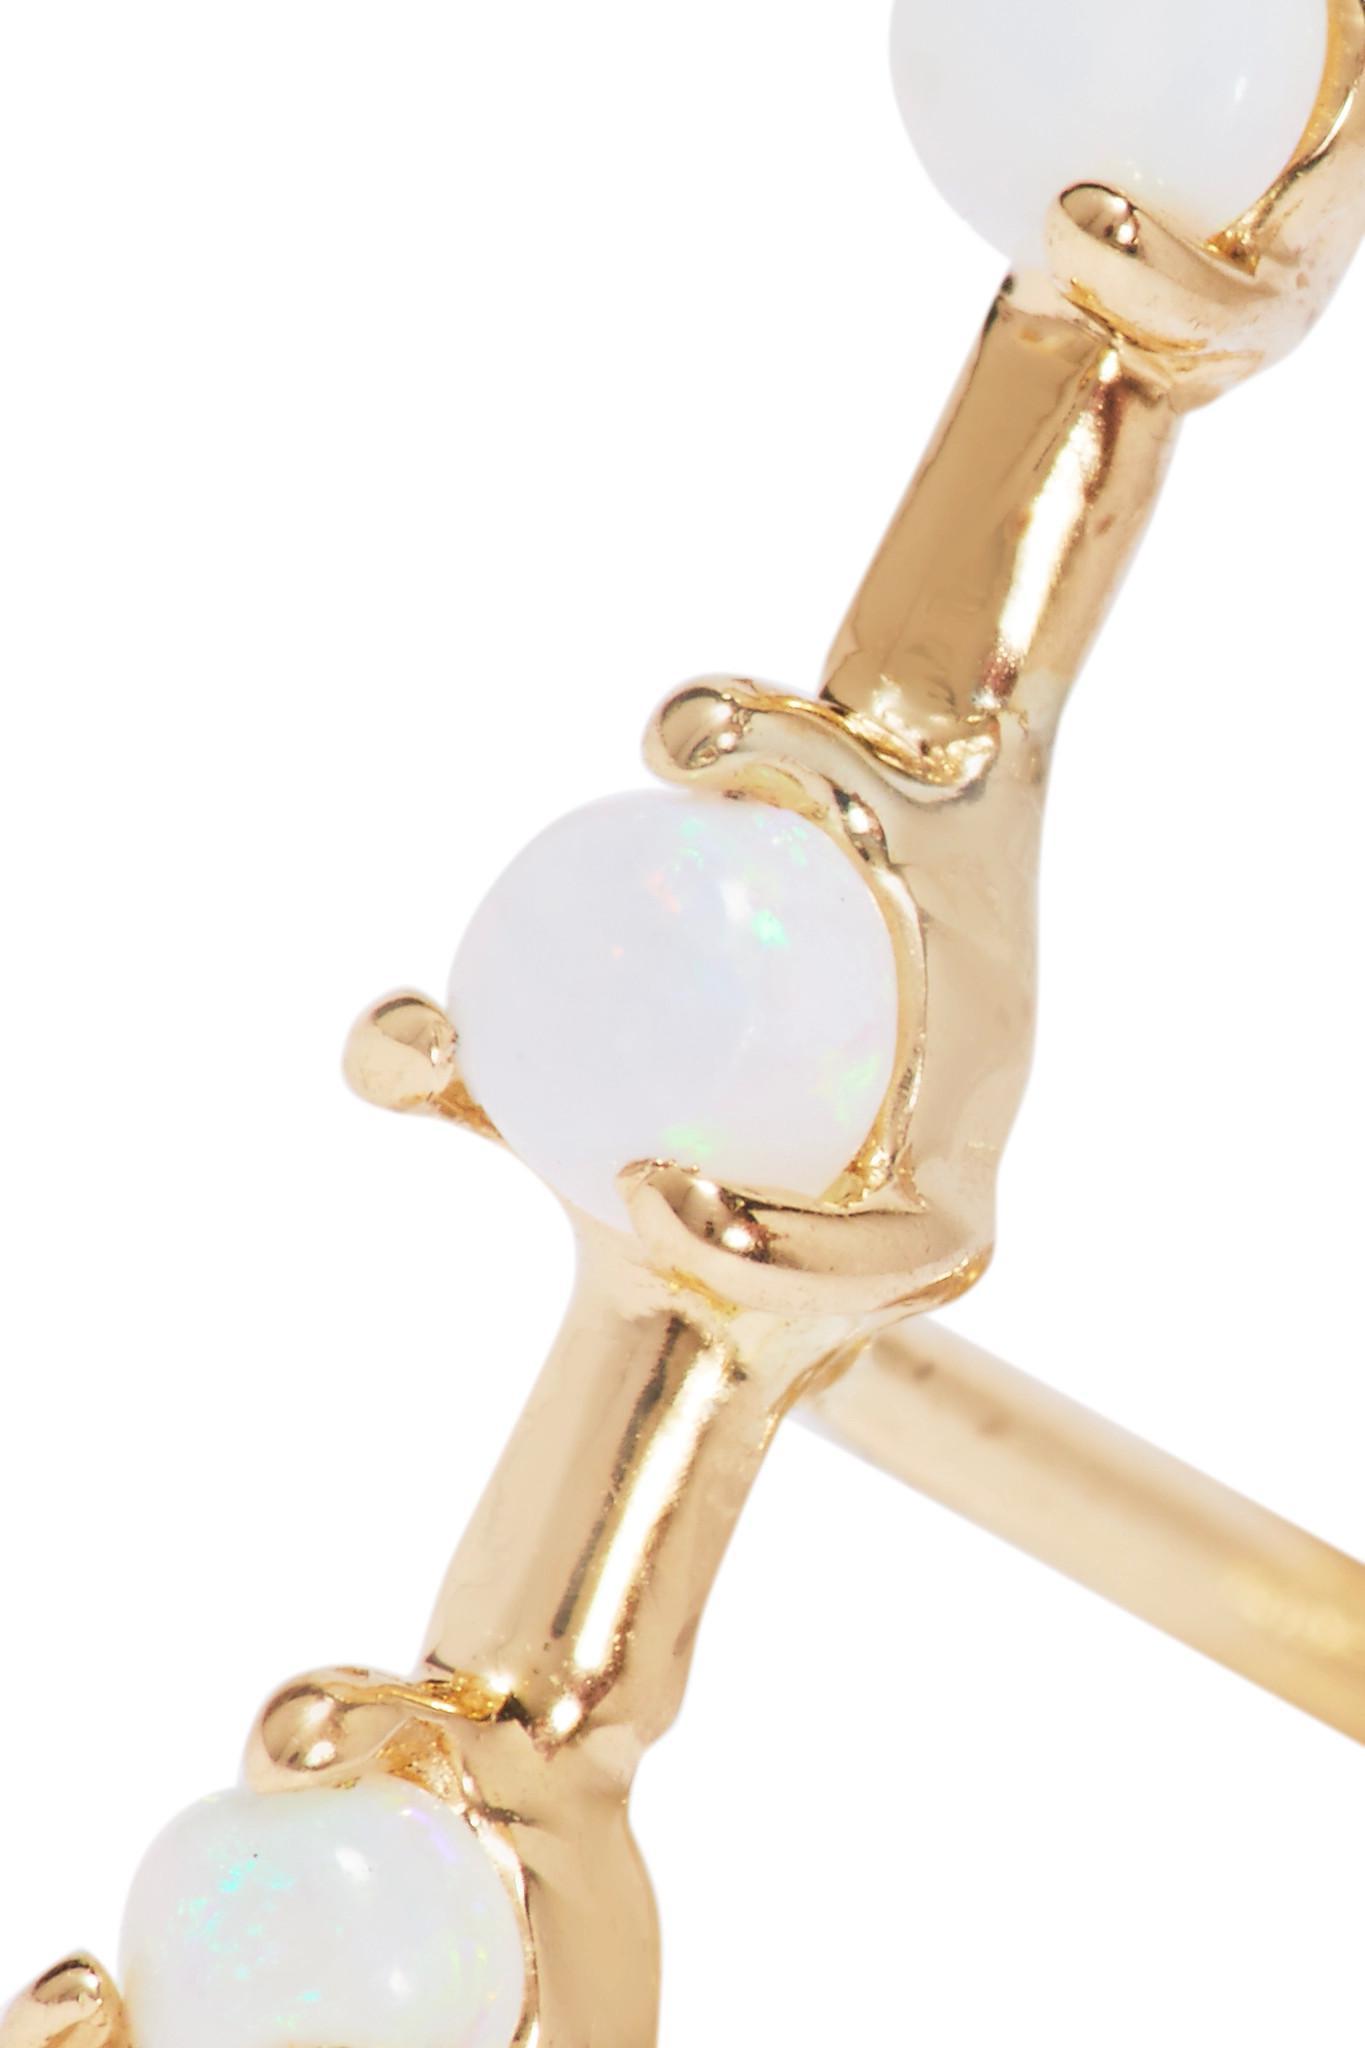 14-karat Gold Diamond Earrings - one size Wwake